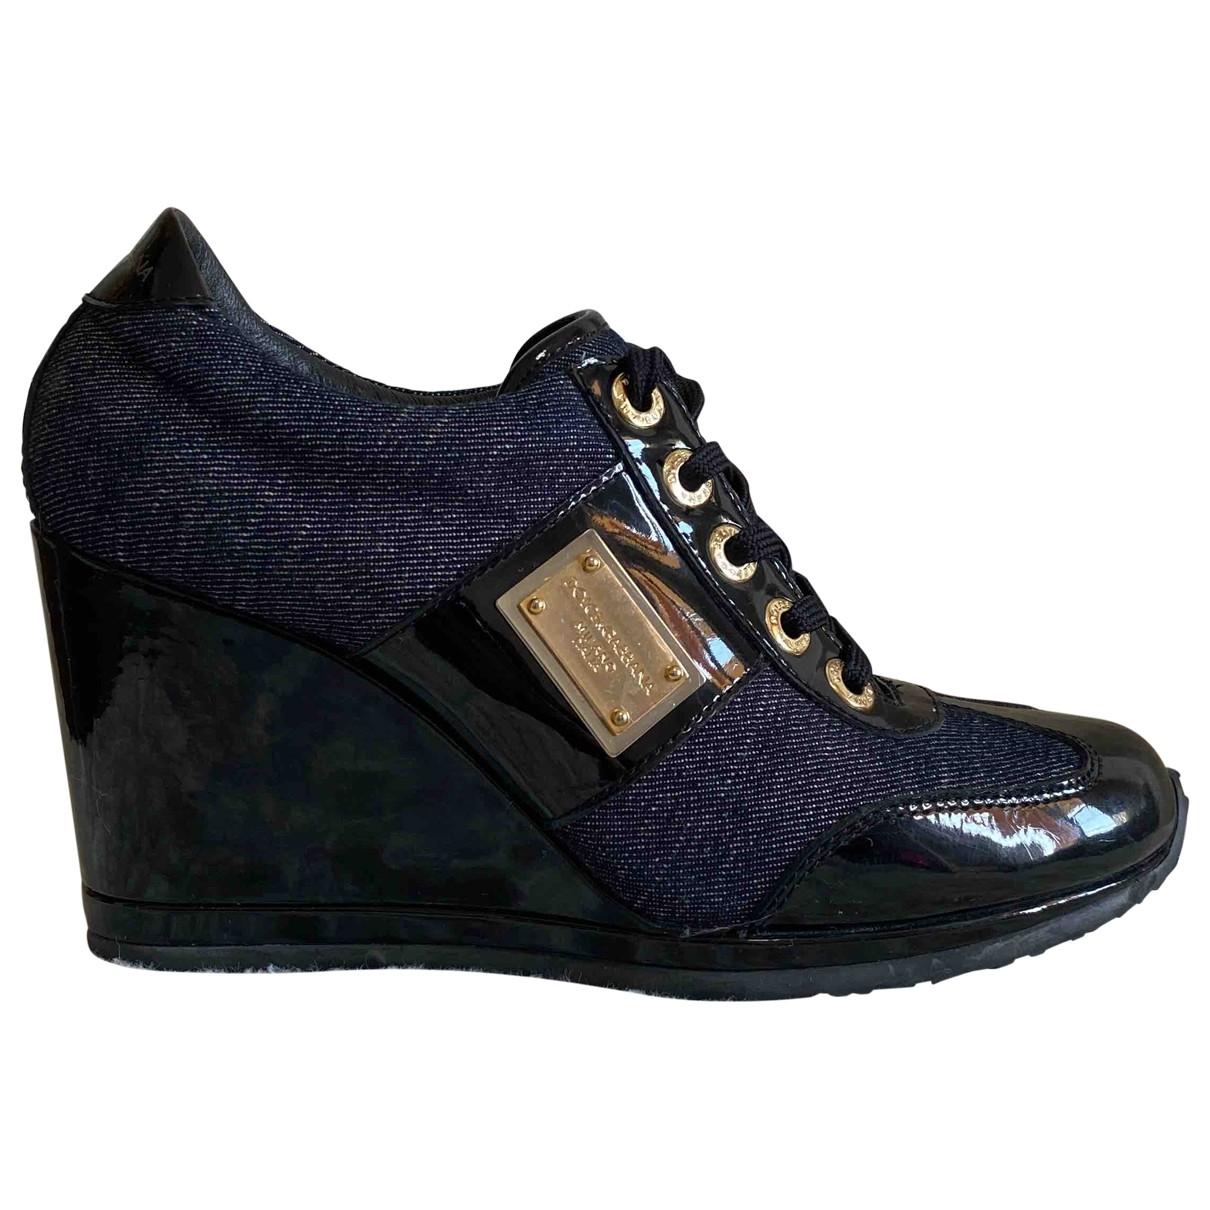 Dolce & Gabbana - Baskets   pour femme en toile - noir